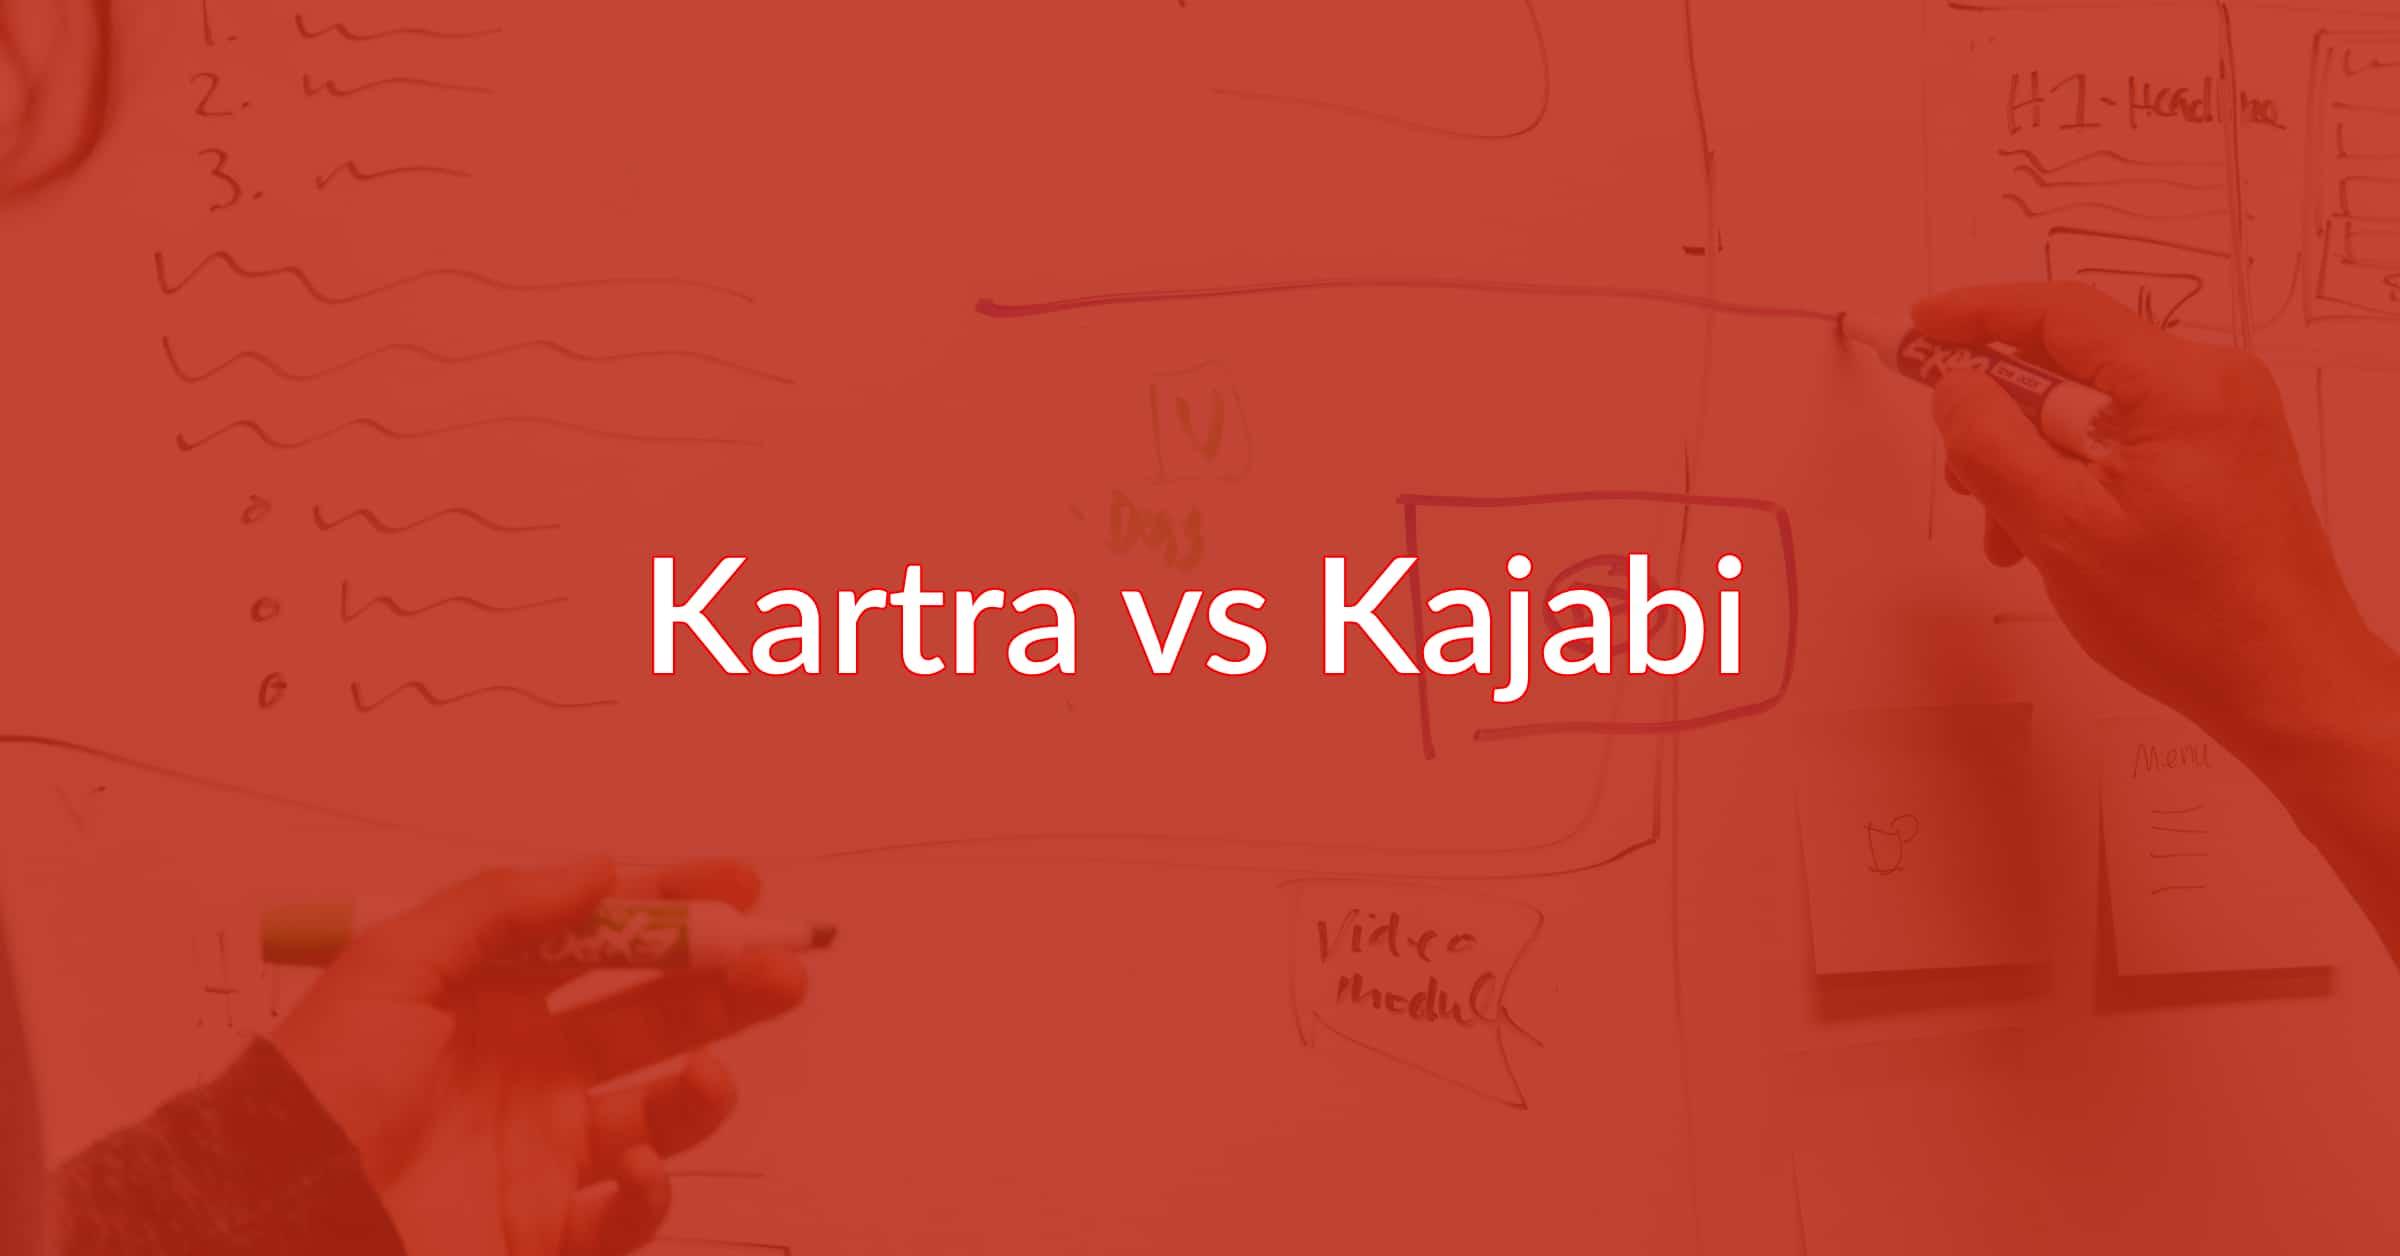 Kartra vs Kajabi: The Ultimate Marketing Platform Showdown